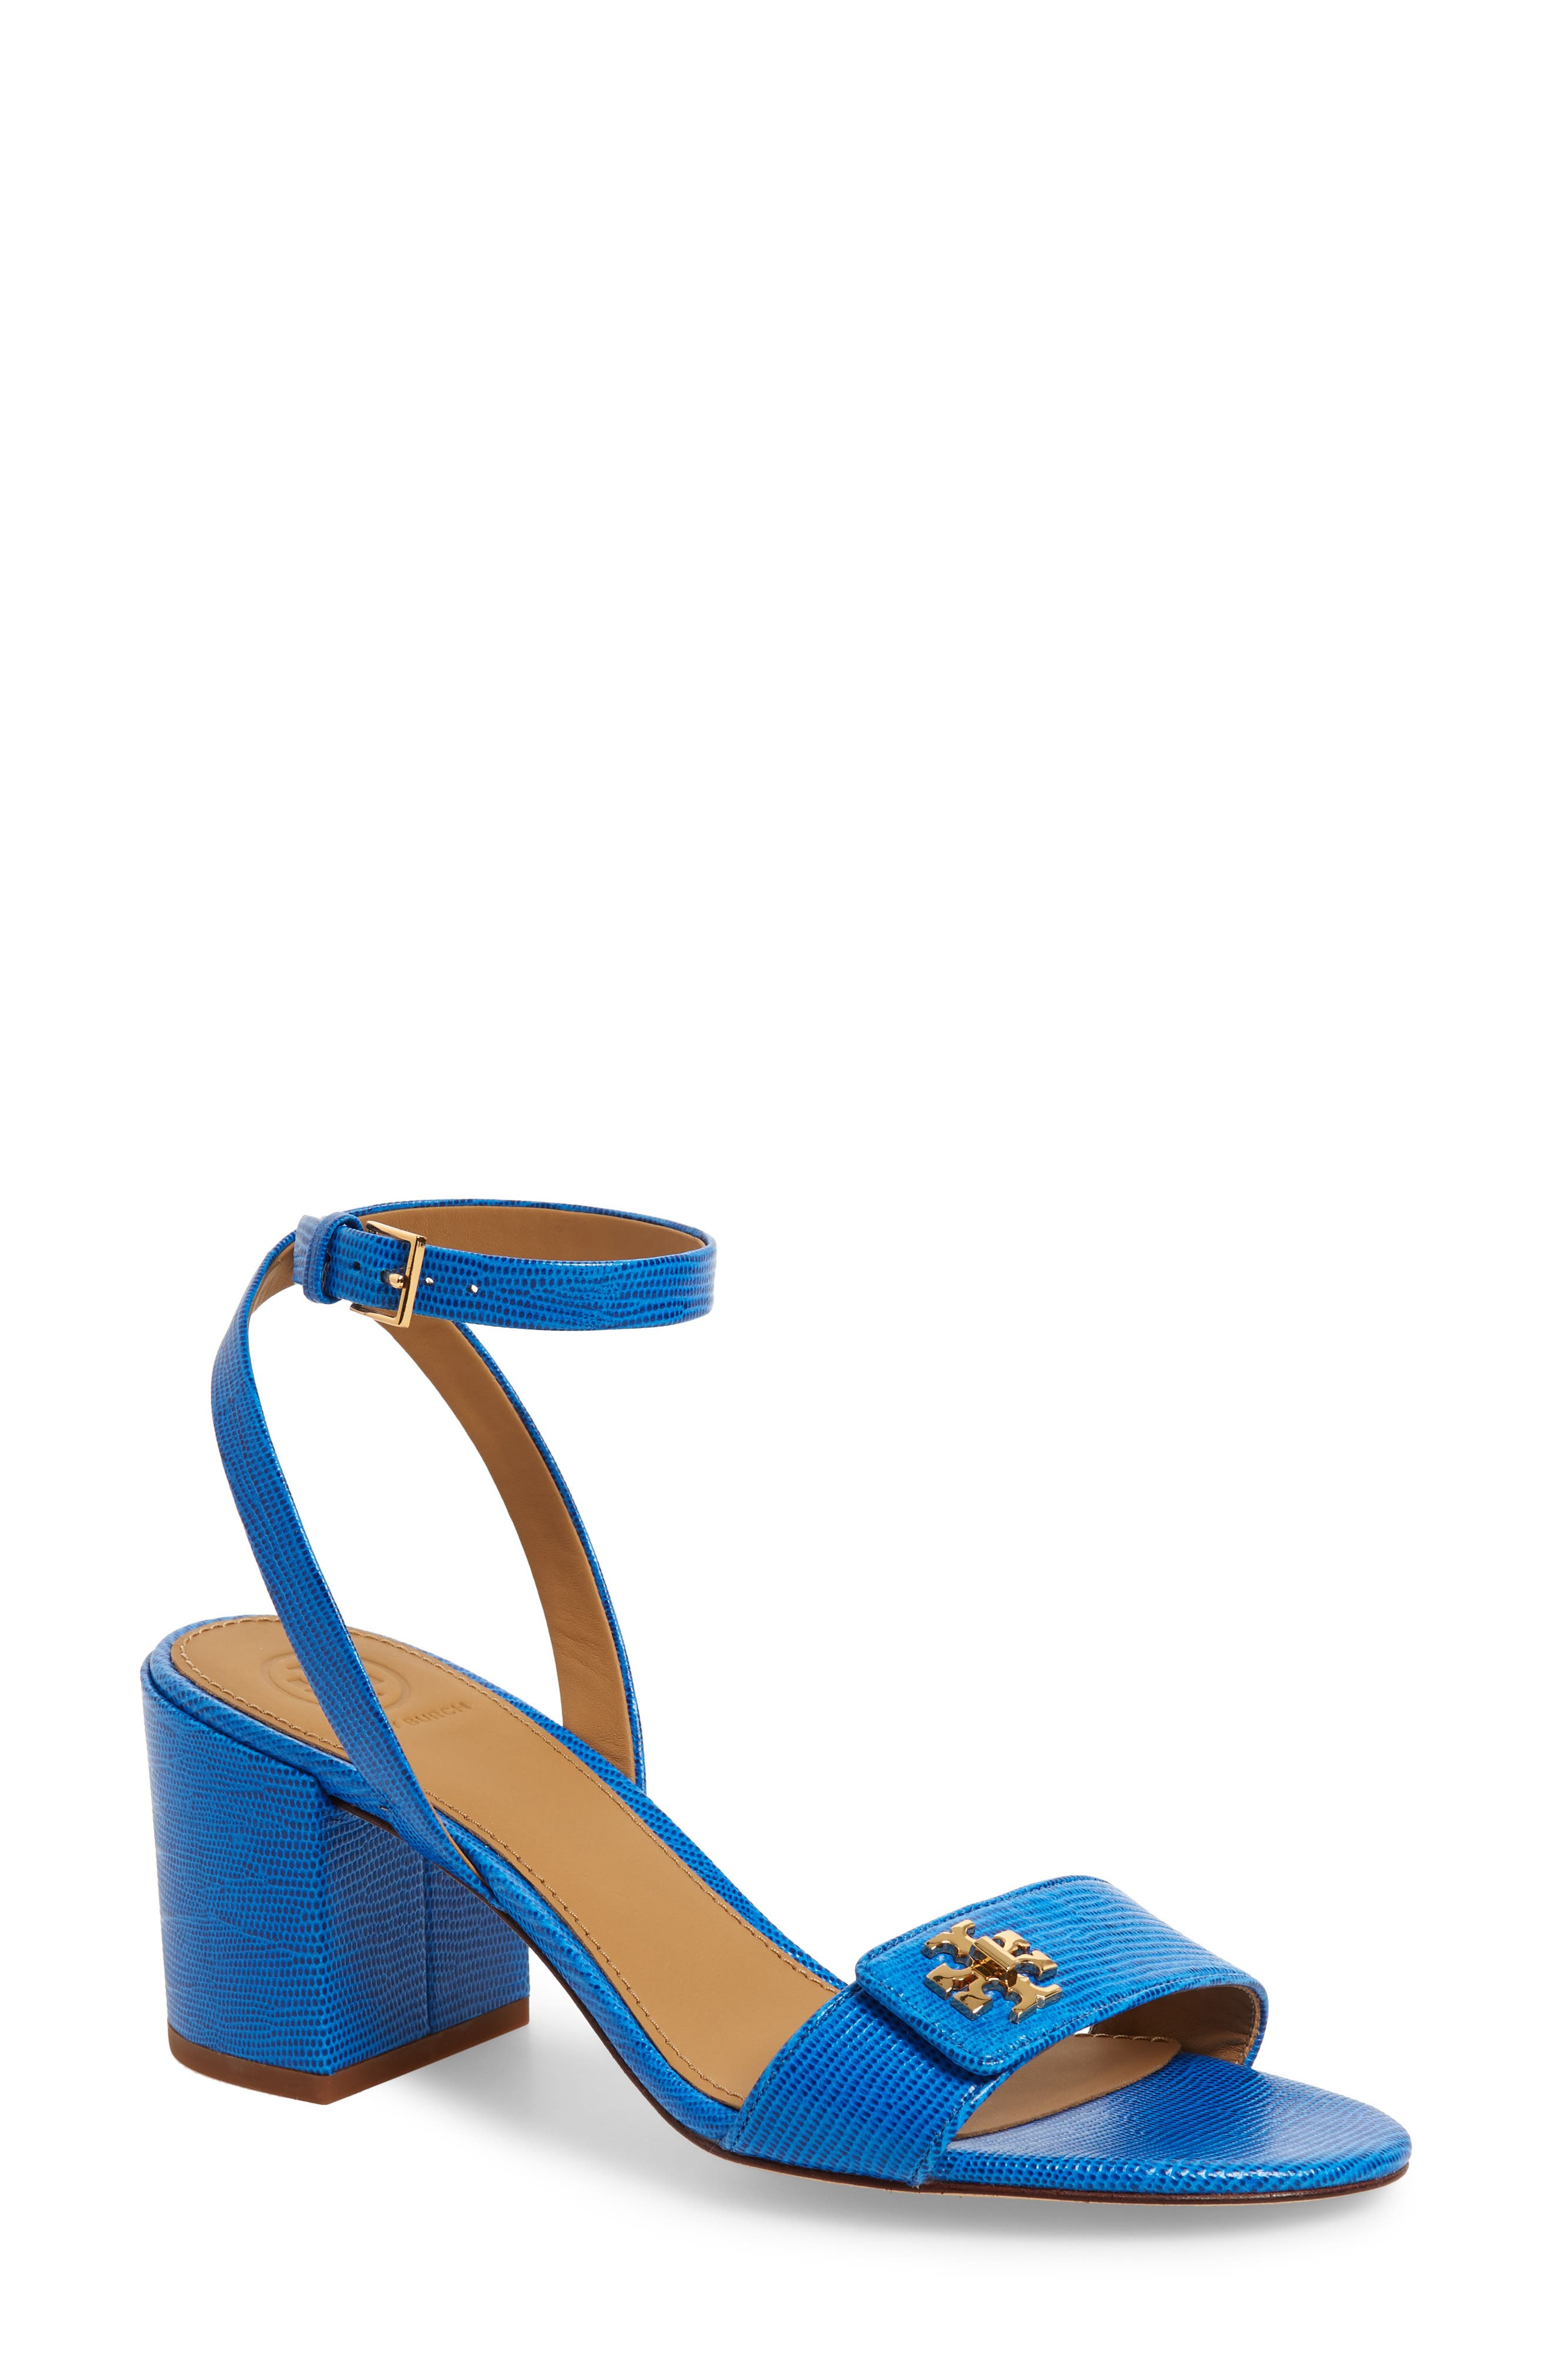 TORY BURCH, Kira Block Heel Sandal, Main thumbnail 1, color, BRIGHT TROPICAL BLUE